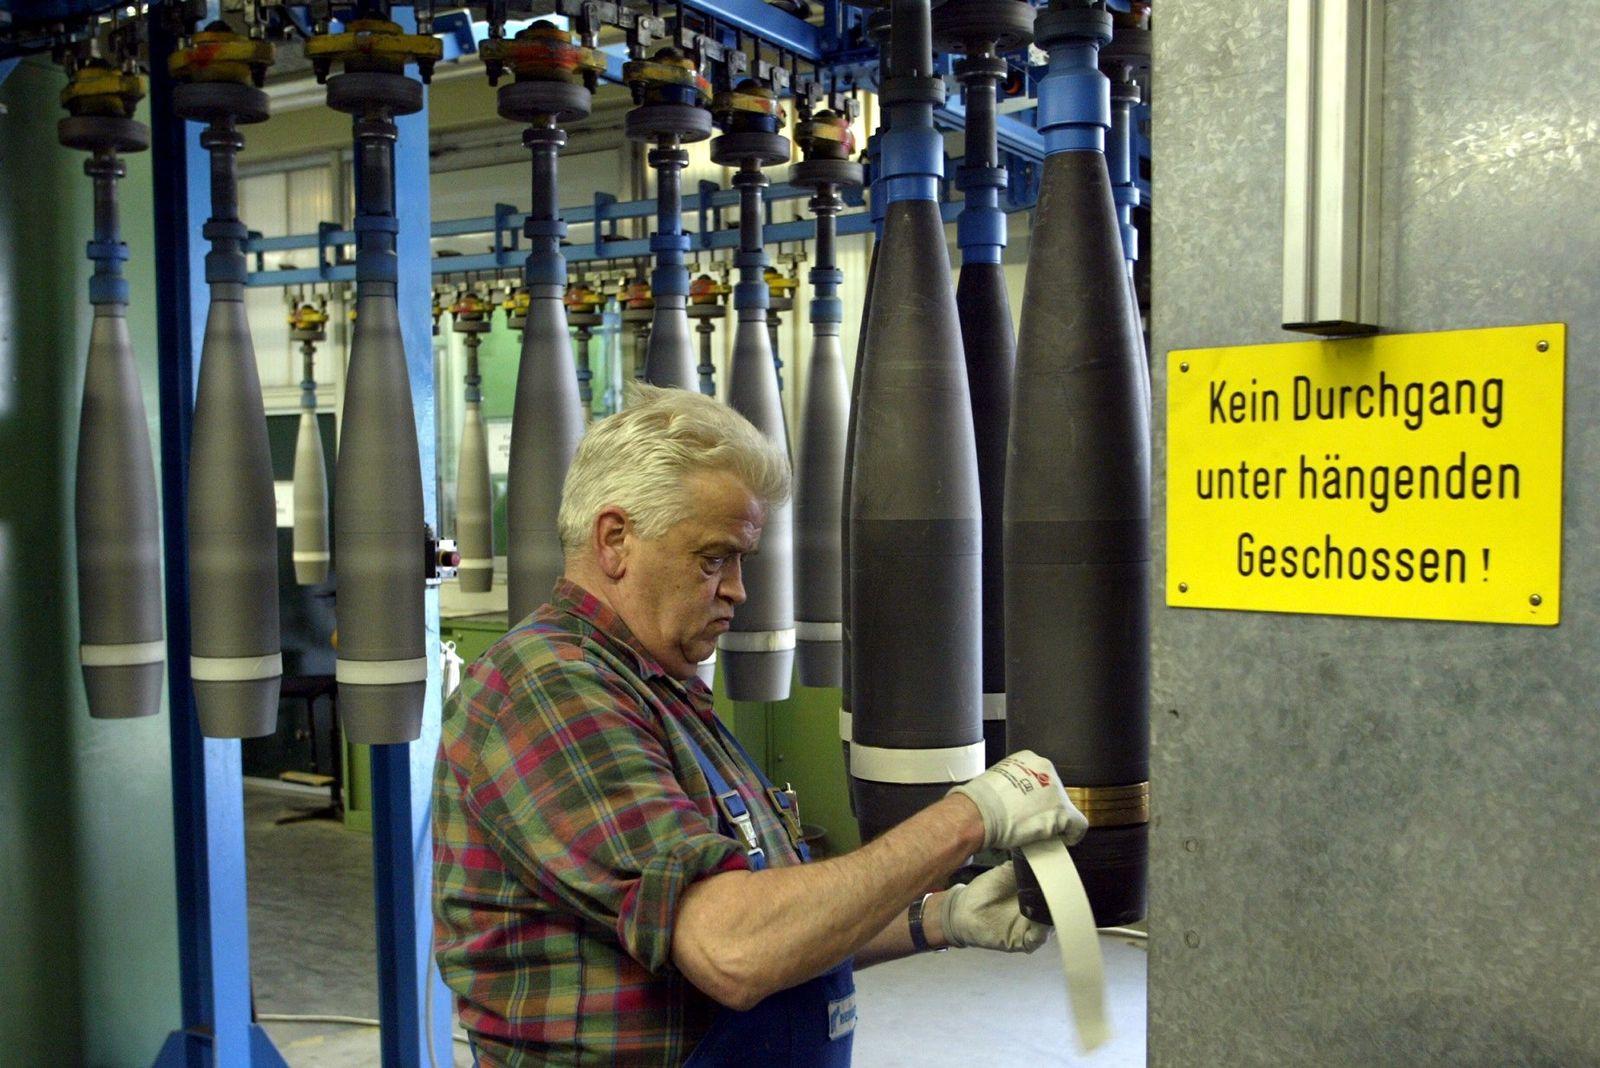 NICHT VERWENDEN Rheinmetall / Ältere Arbeitnehmer / Rheinmetall / Rüstung